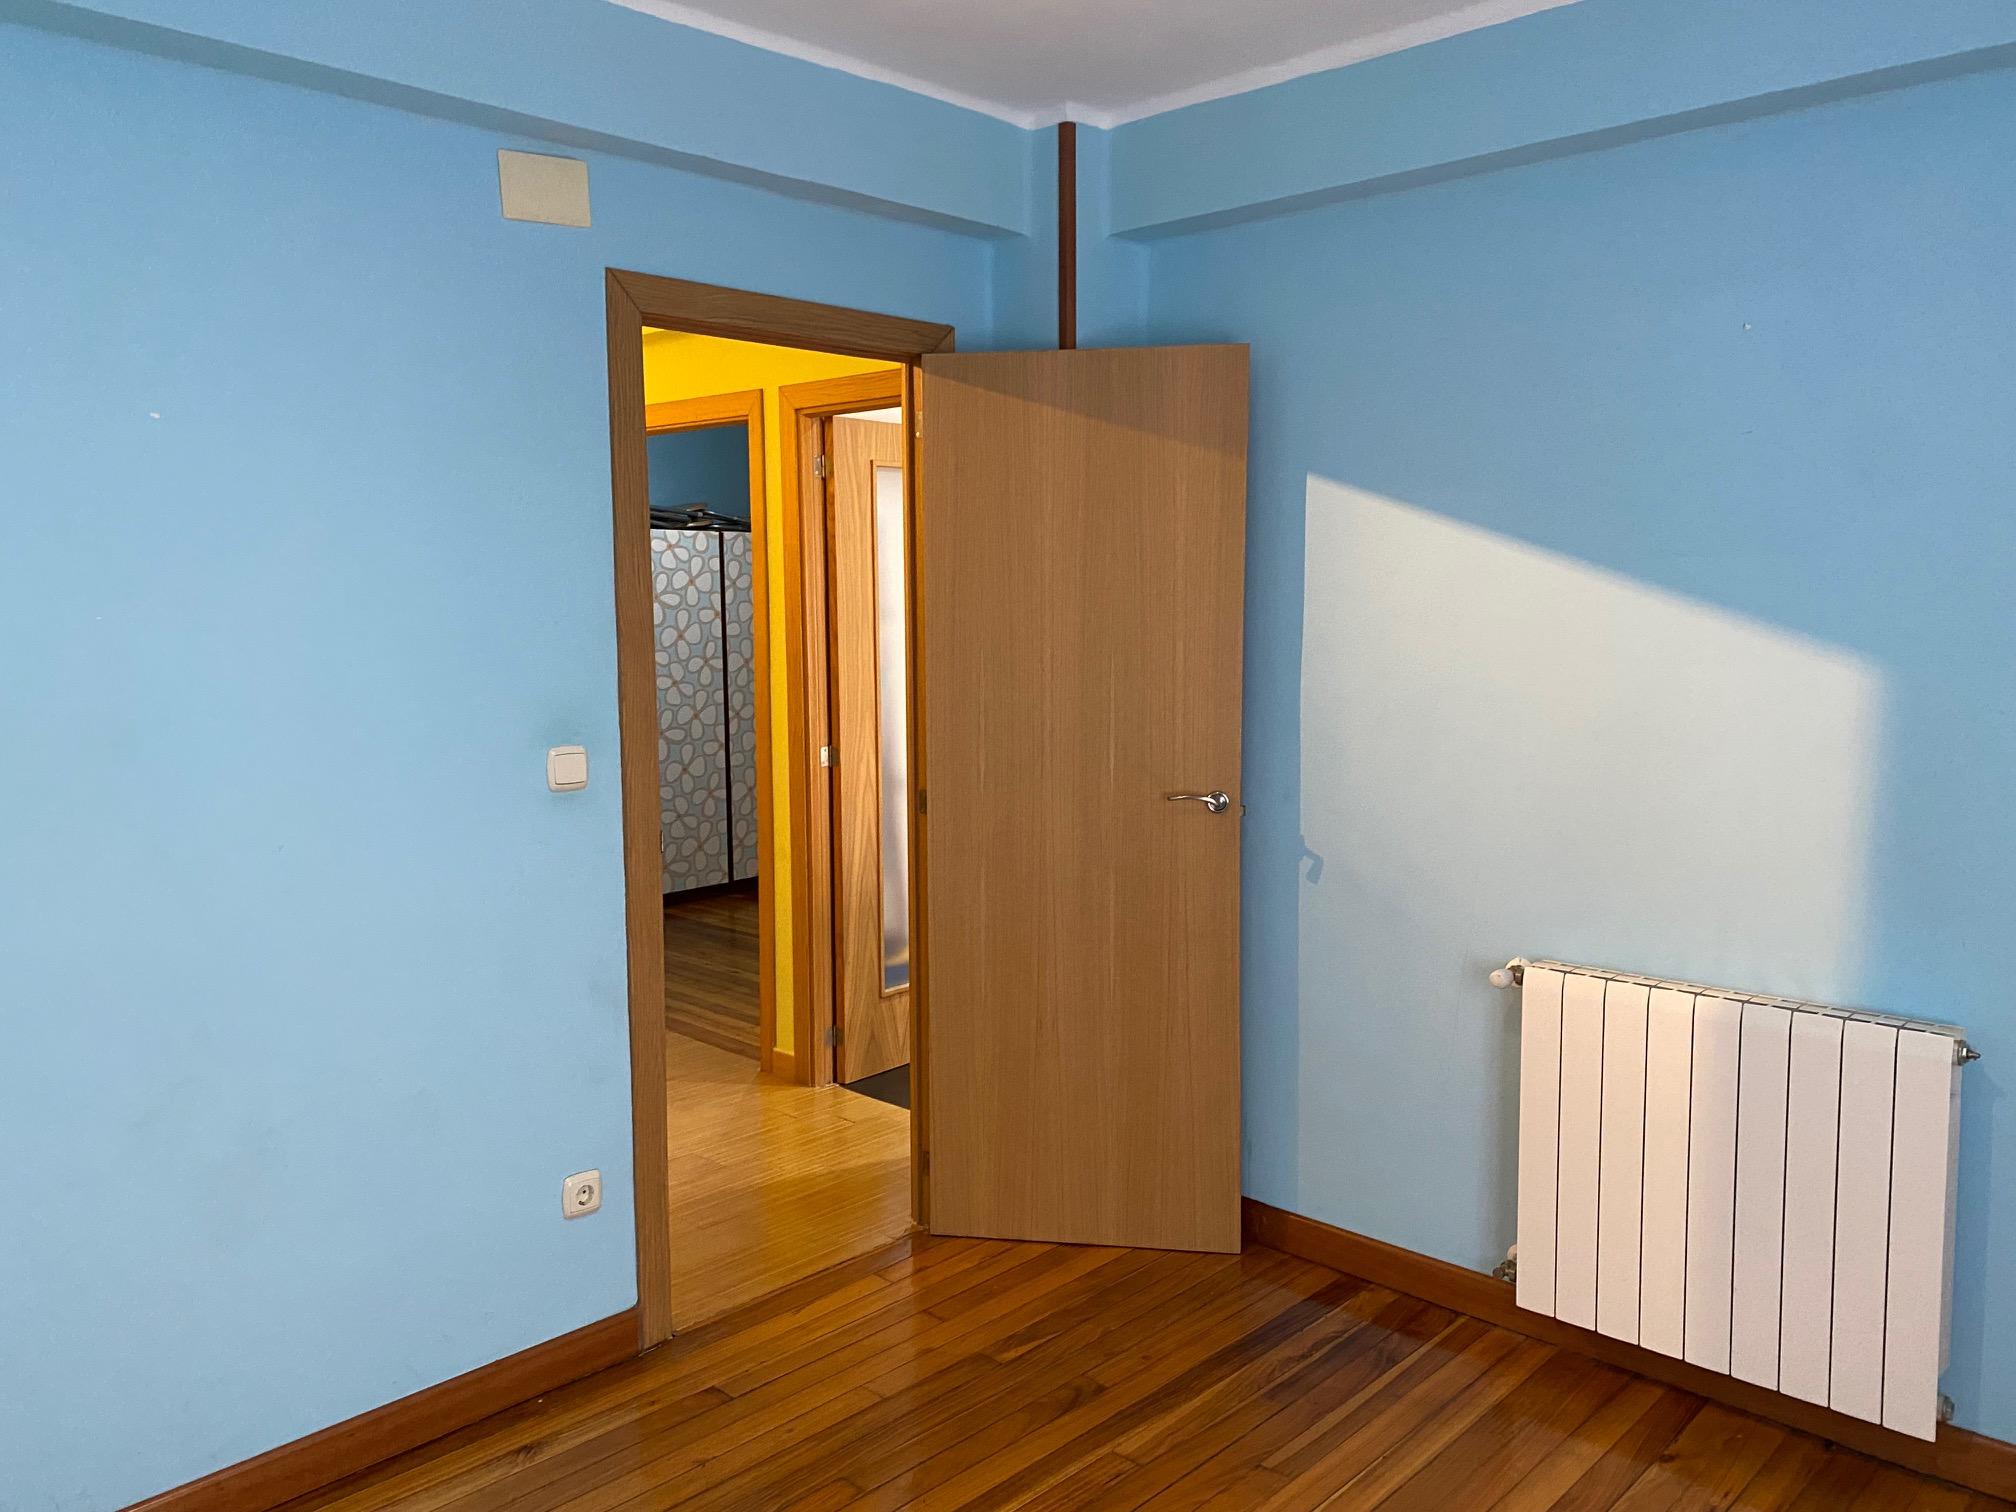 En Serapio Mugica, 2º planta con ascensor, 65m2, 2 habitaciones, salon,cocina equipada con salida balcon y baño.Trastero. Para entrar a vivir!!!